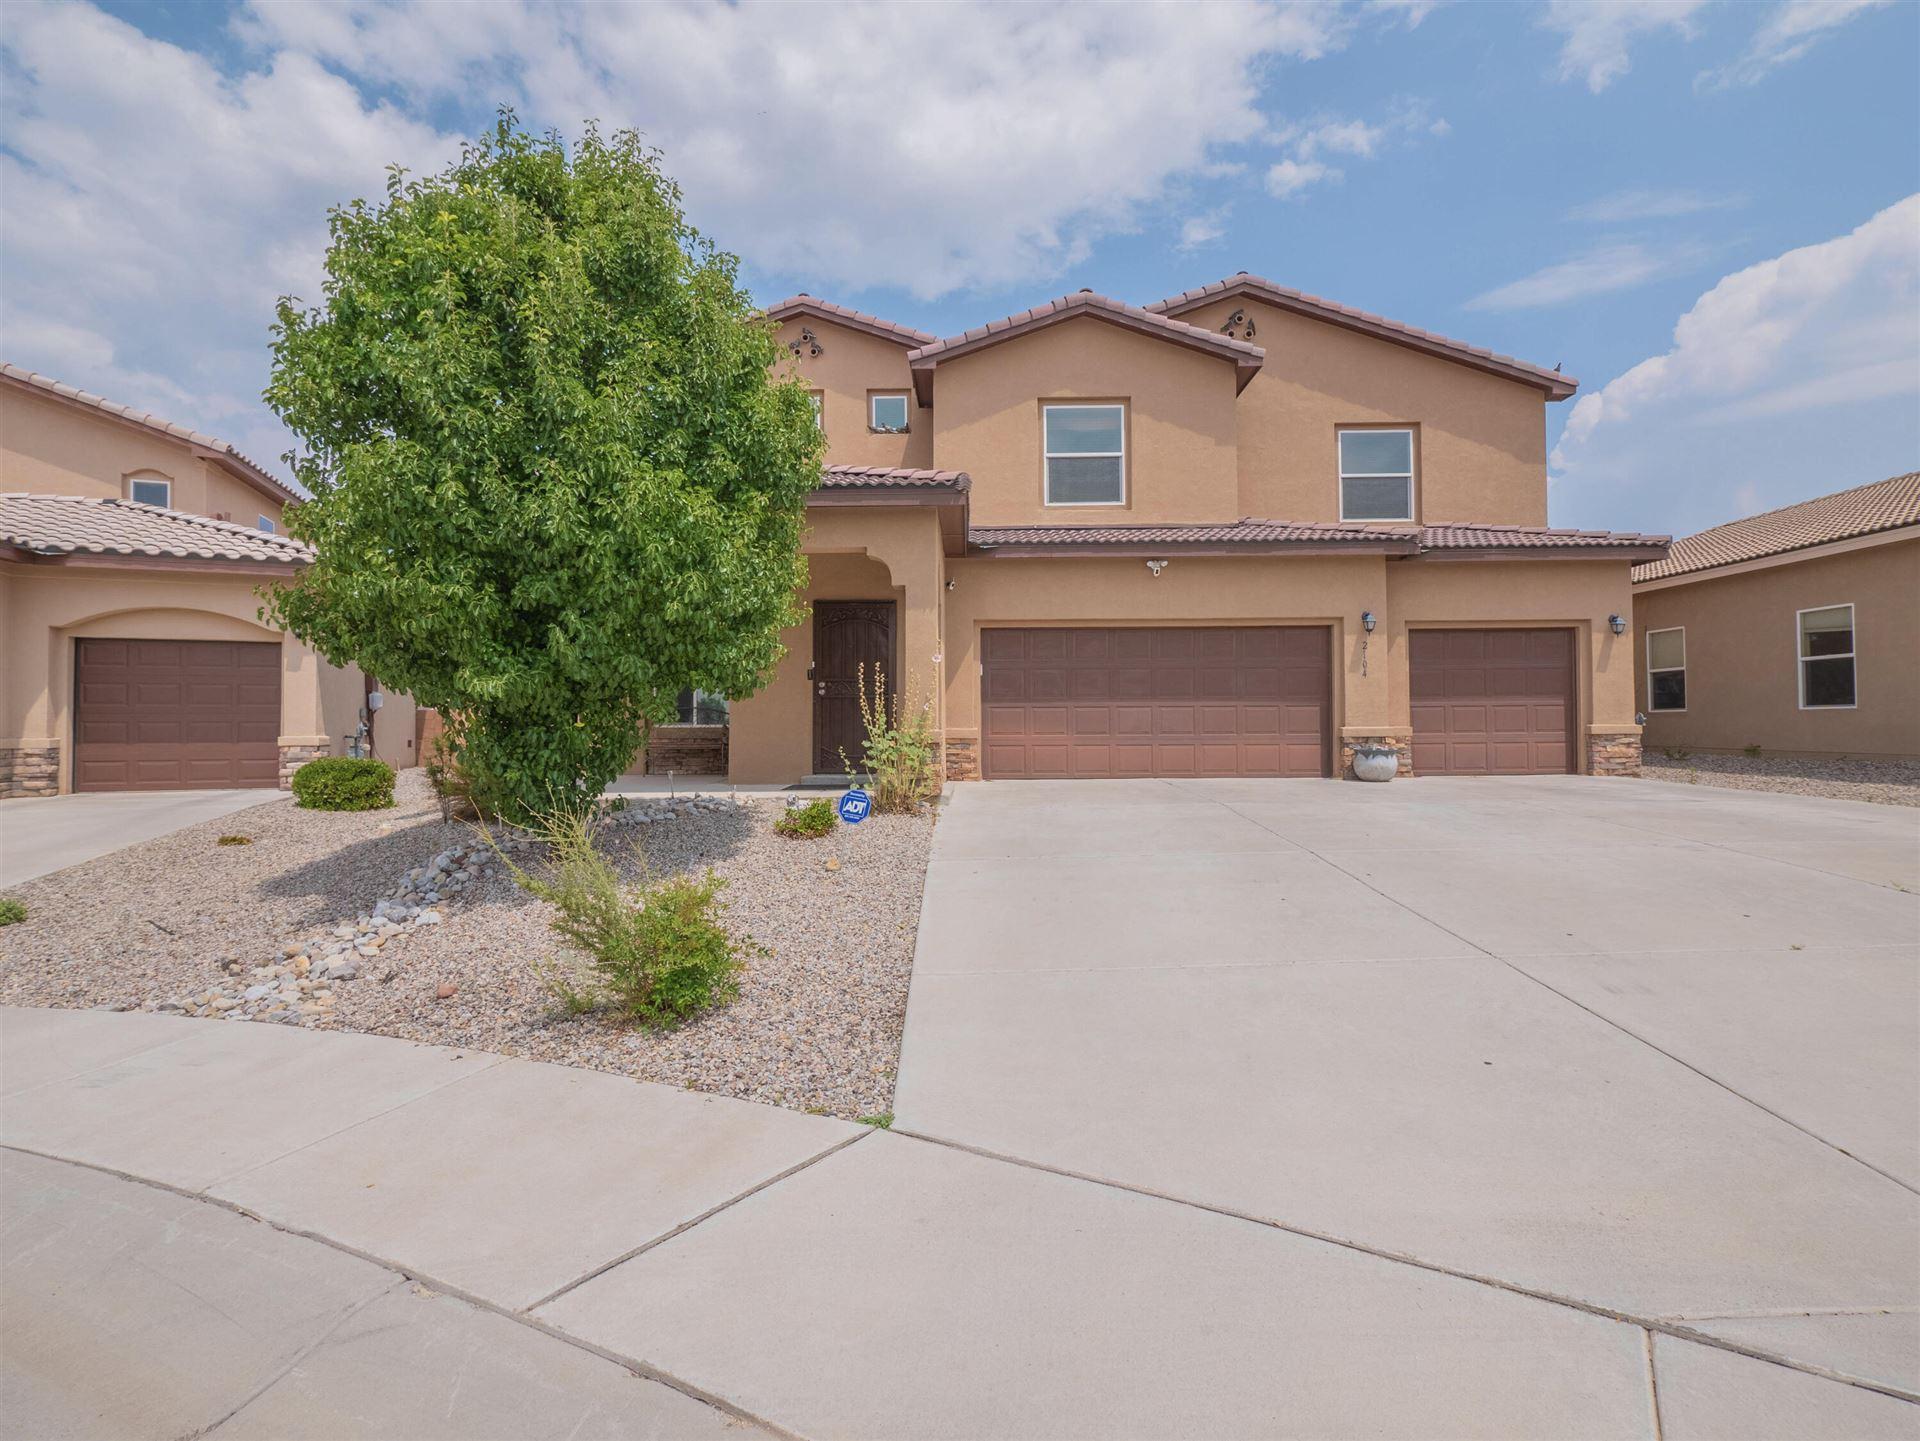 2104 BEULAH Drive SE, Albuquerque, NM 87123 - MLS#: 997303